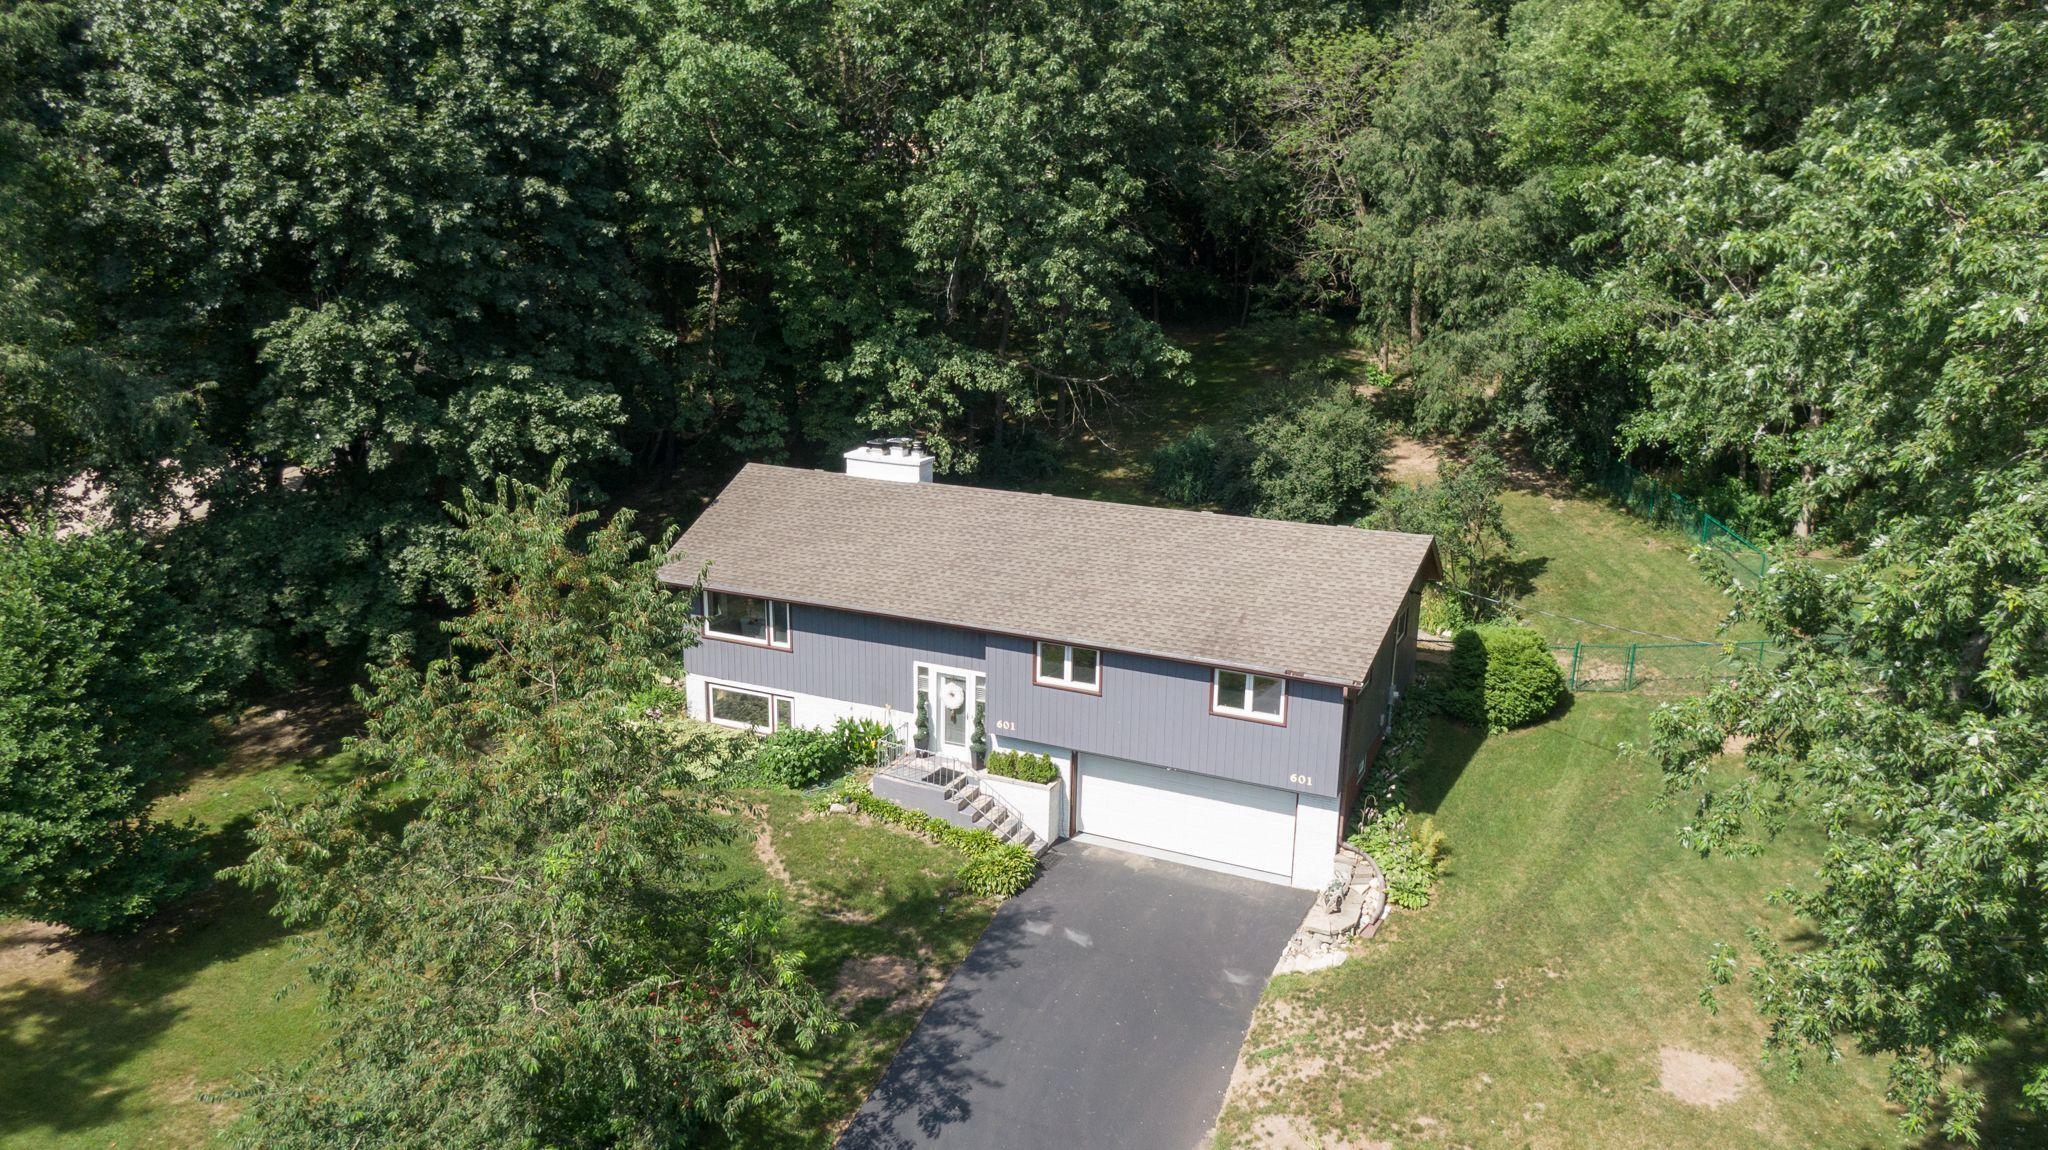 601 Lee Ct, Waukesha, Wisconsin 53186, 4 Bedrooms Bedrooms, ,2 BathroomsBathrooms,Single-Family,For Sale,Lee Ct,1701858